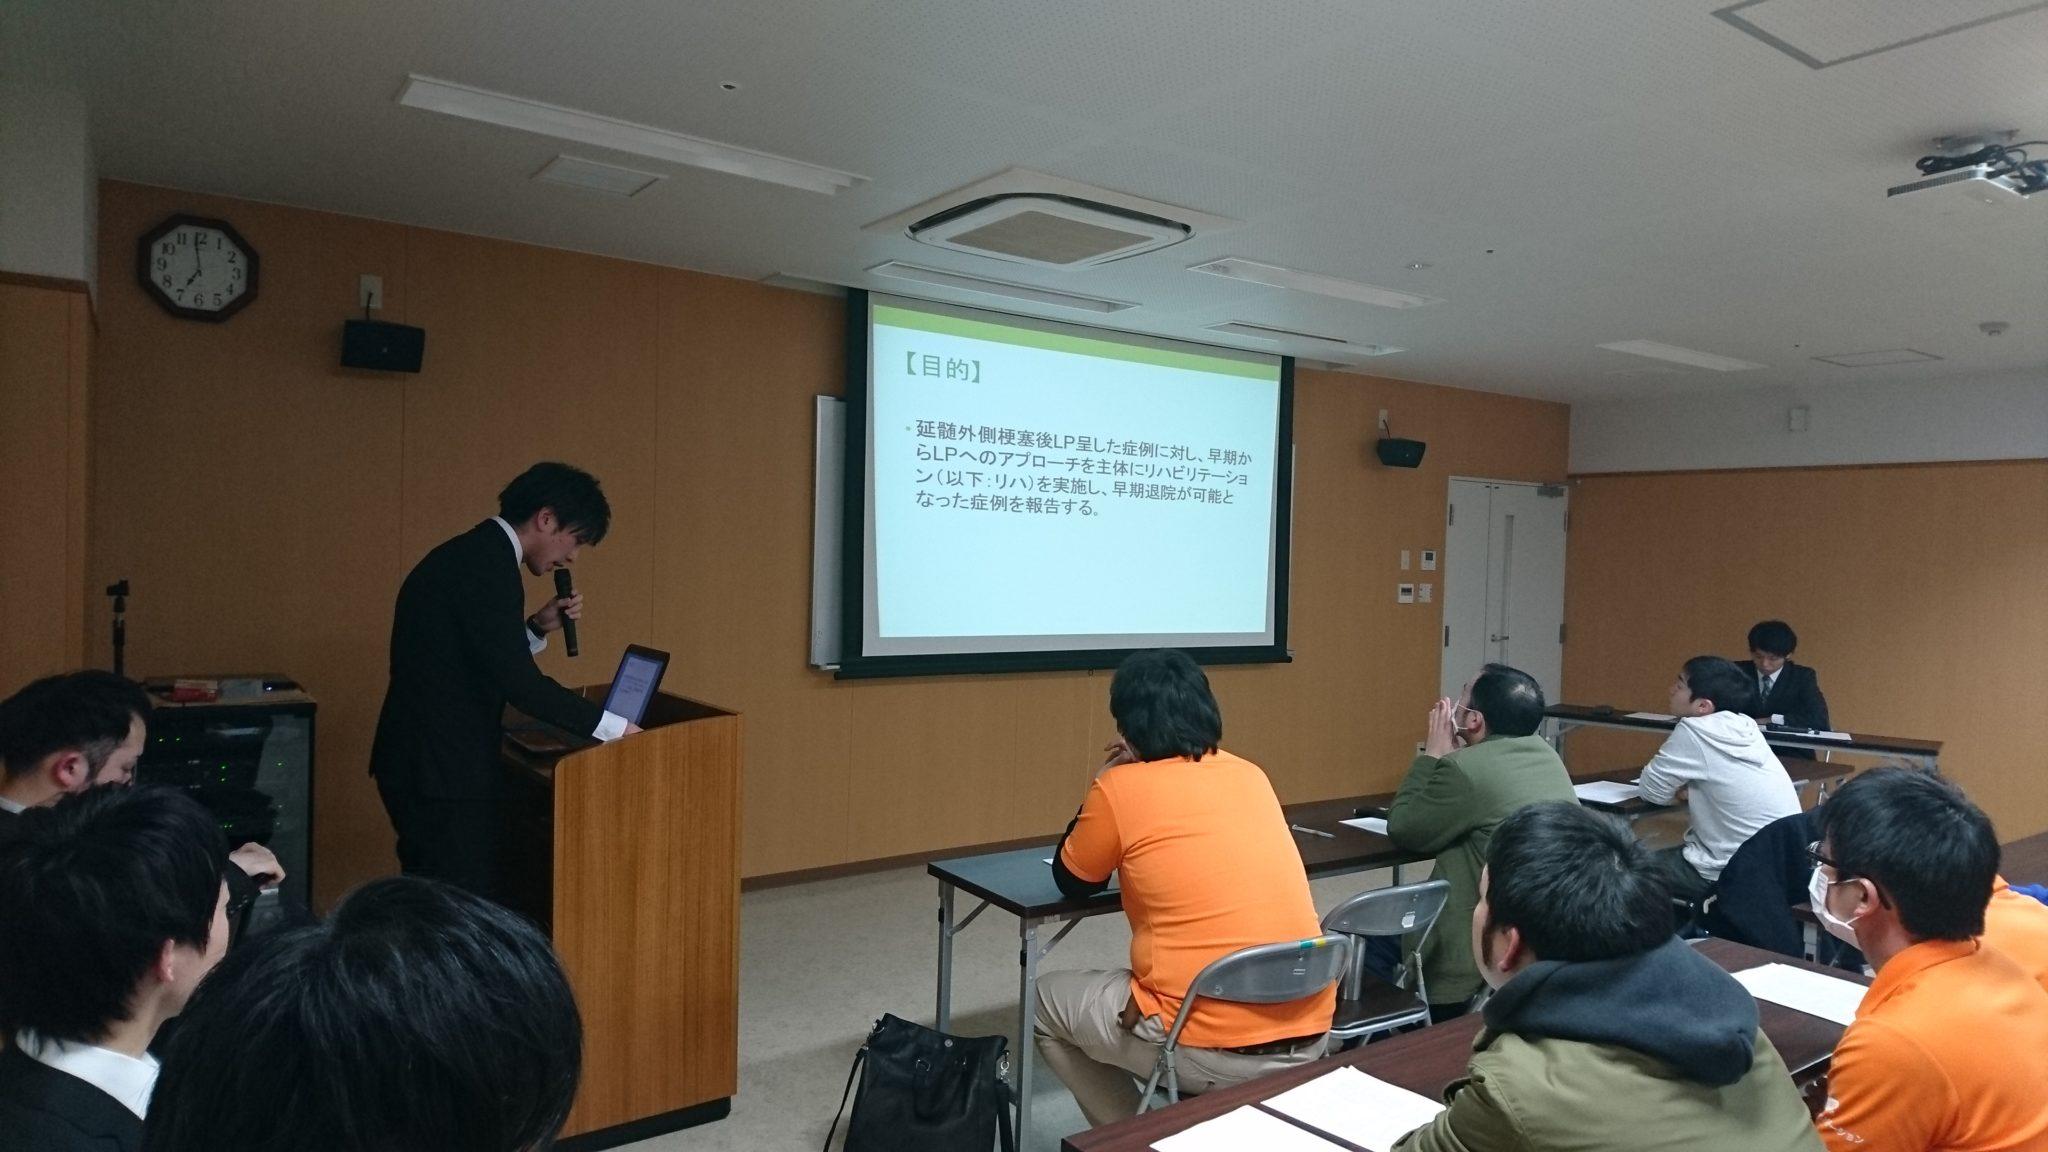 第2回県南支部症例検討会の開催